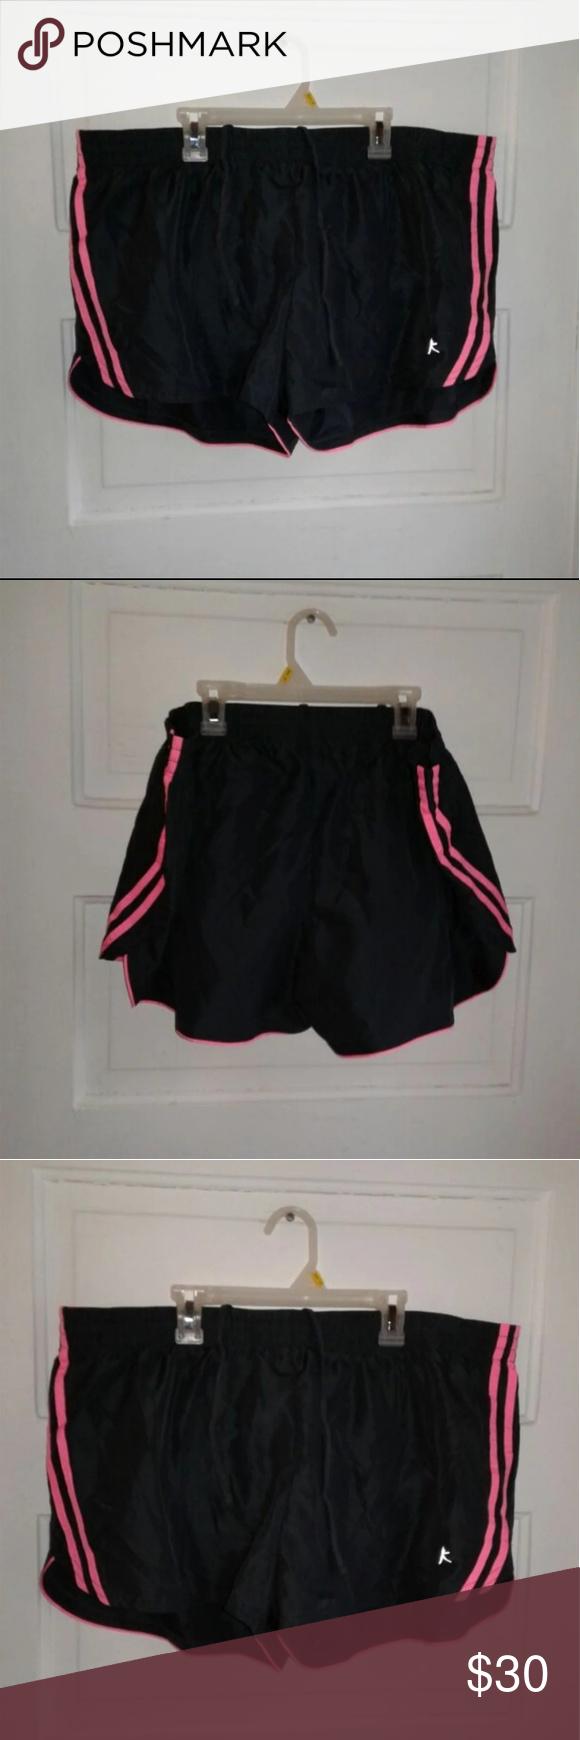 Danskin Now Black Pink Drawstring Shorts Drawstring Shorts Black Pink Danskin